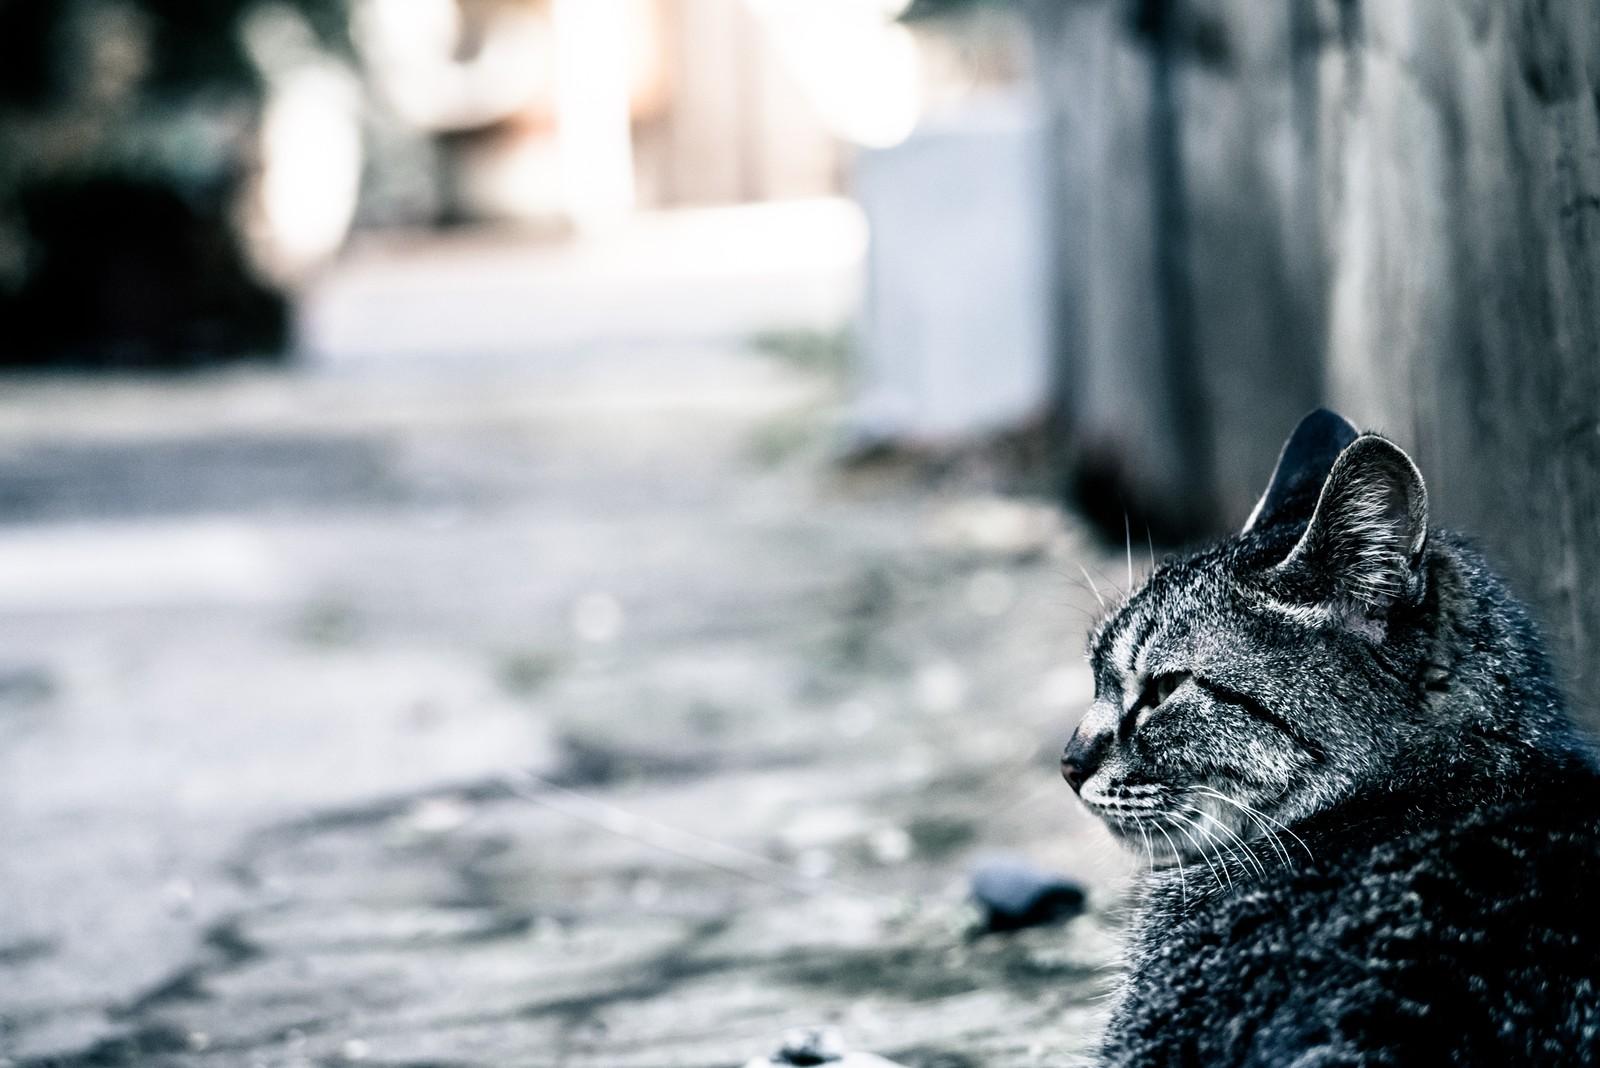 つまらないそうな表情をしている猫の画像